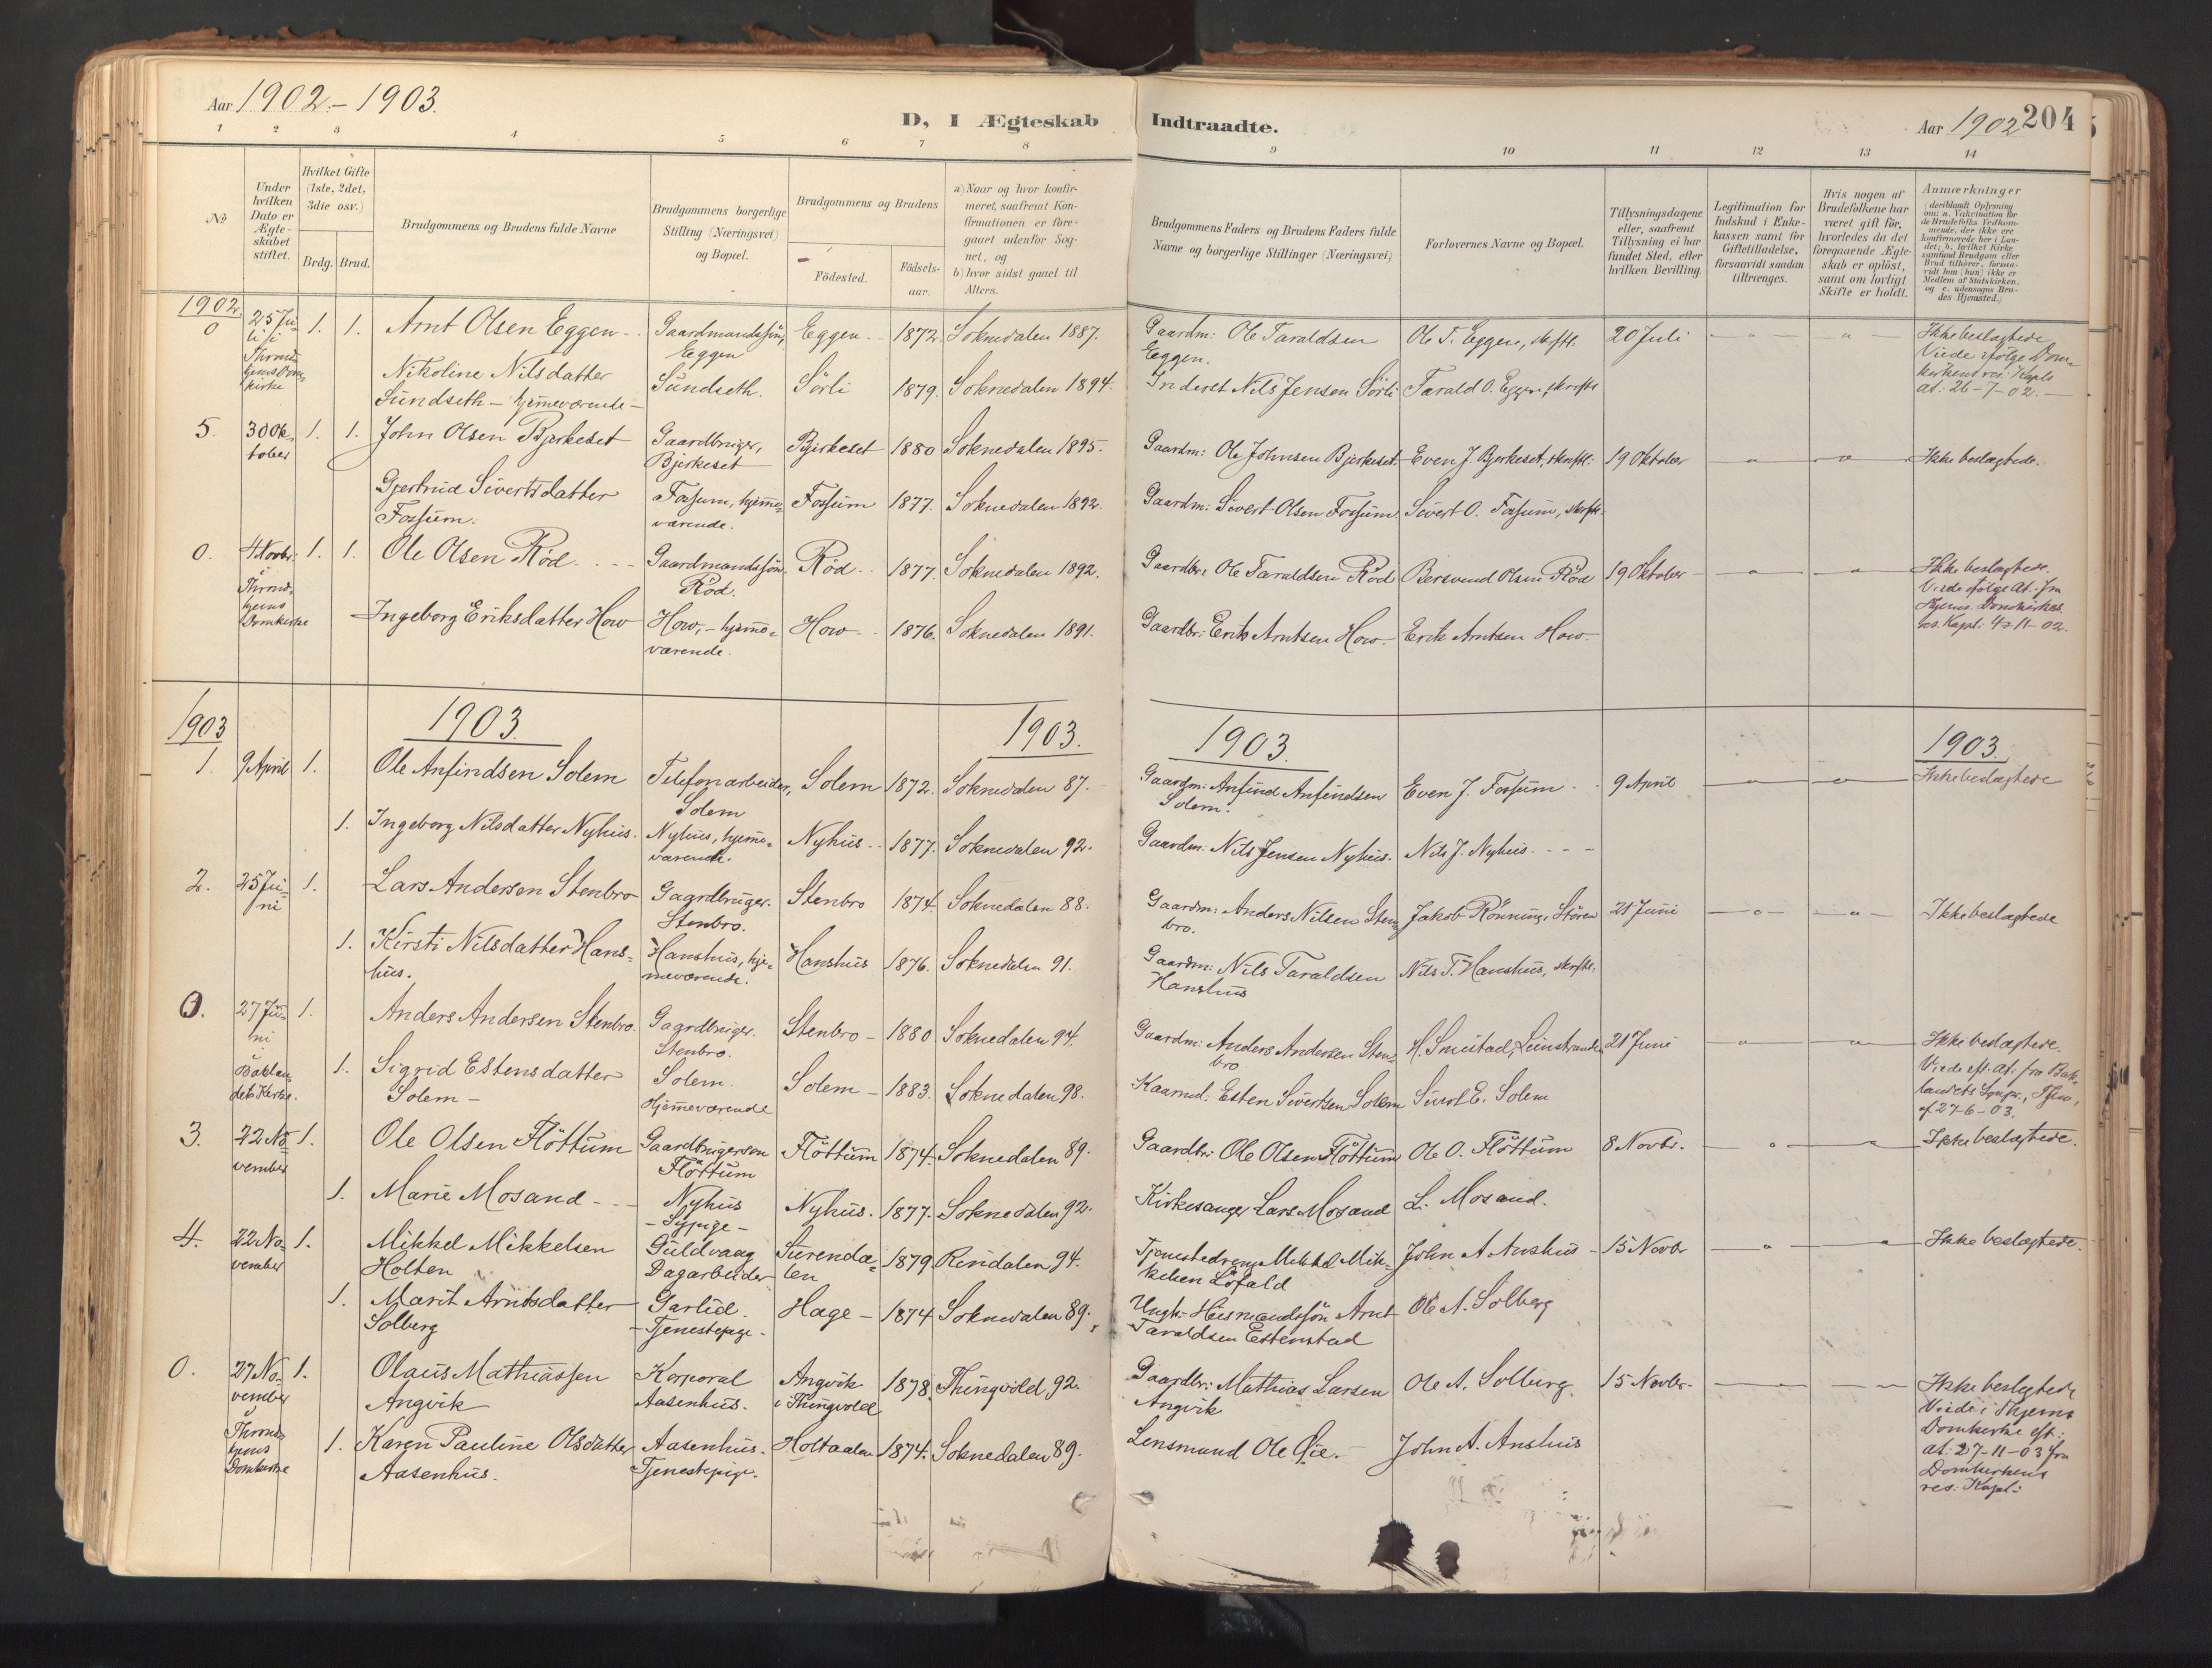 SAT, Ministerialprotokoller, klokkerbøker og fødselsregistre - Sør-Trøndelag, 689/L1041: Ministerialbok nr. 689A06, 1891-1923, s. 204